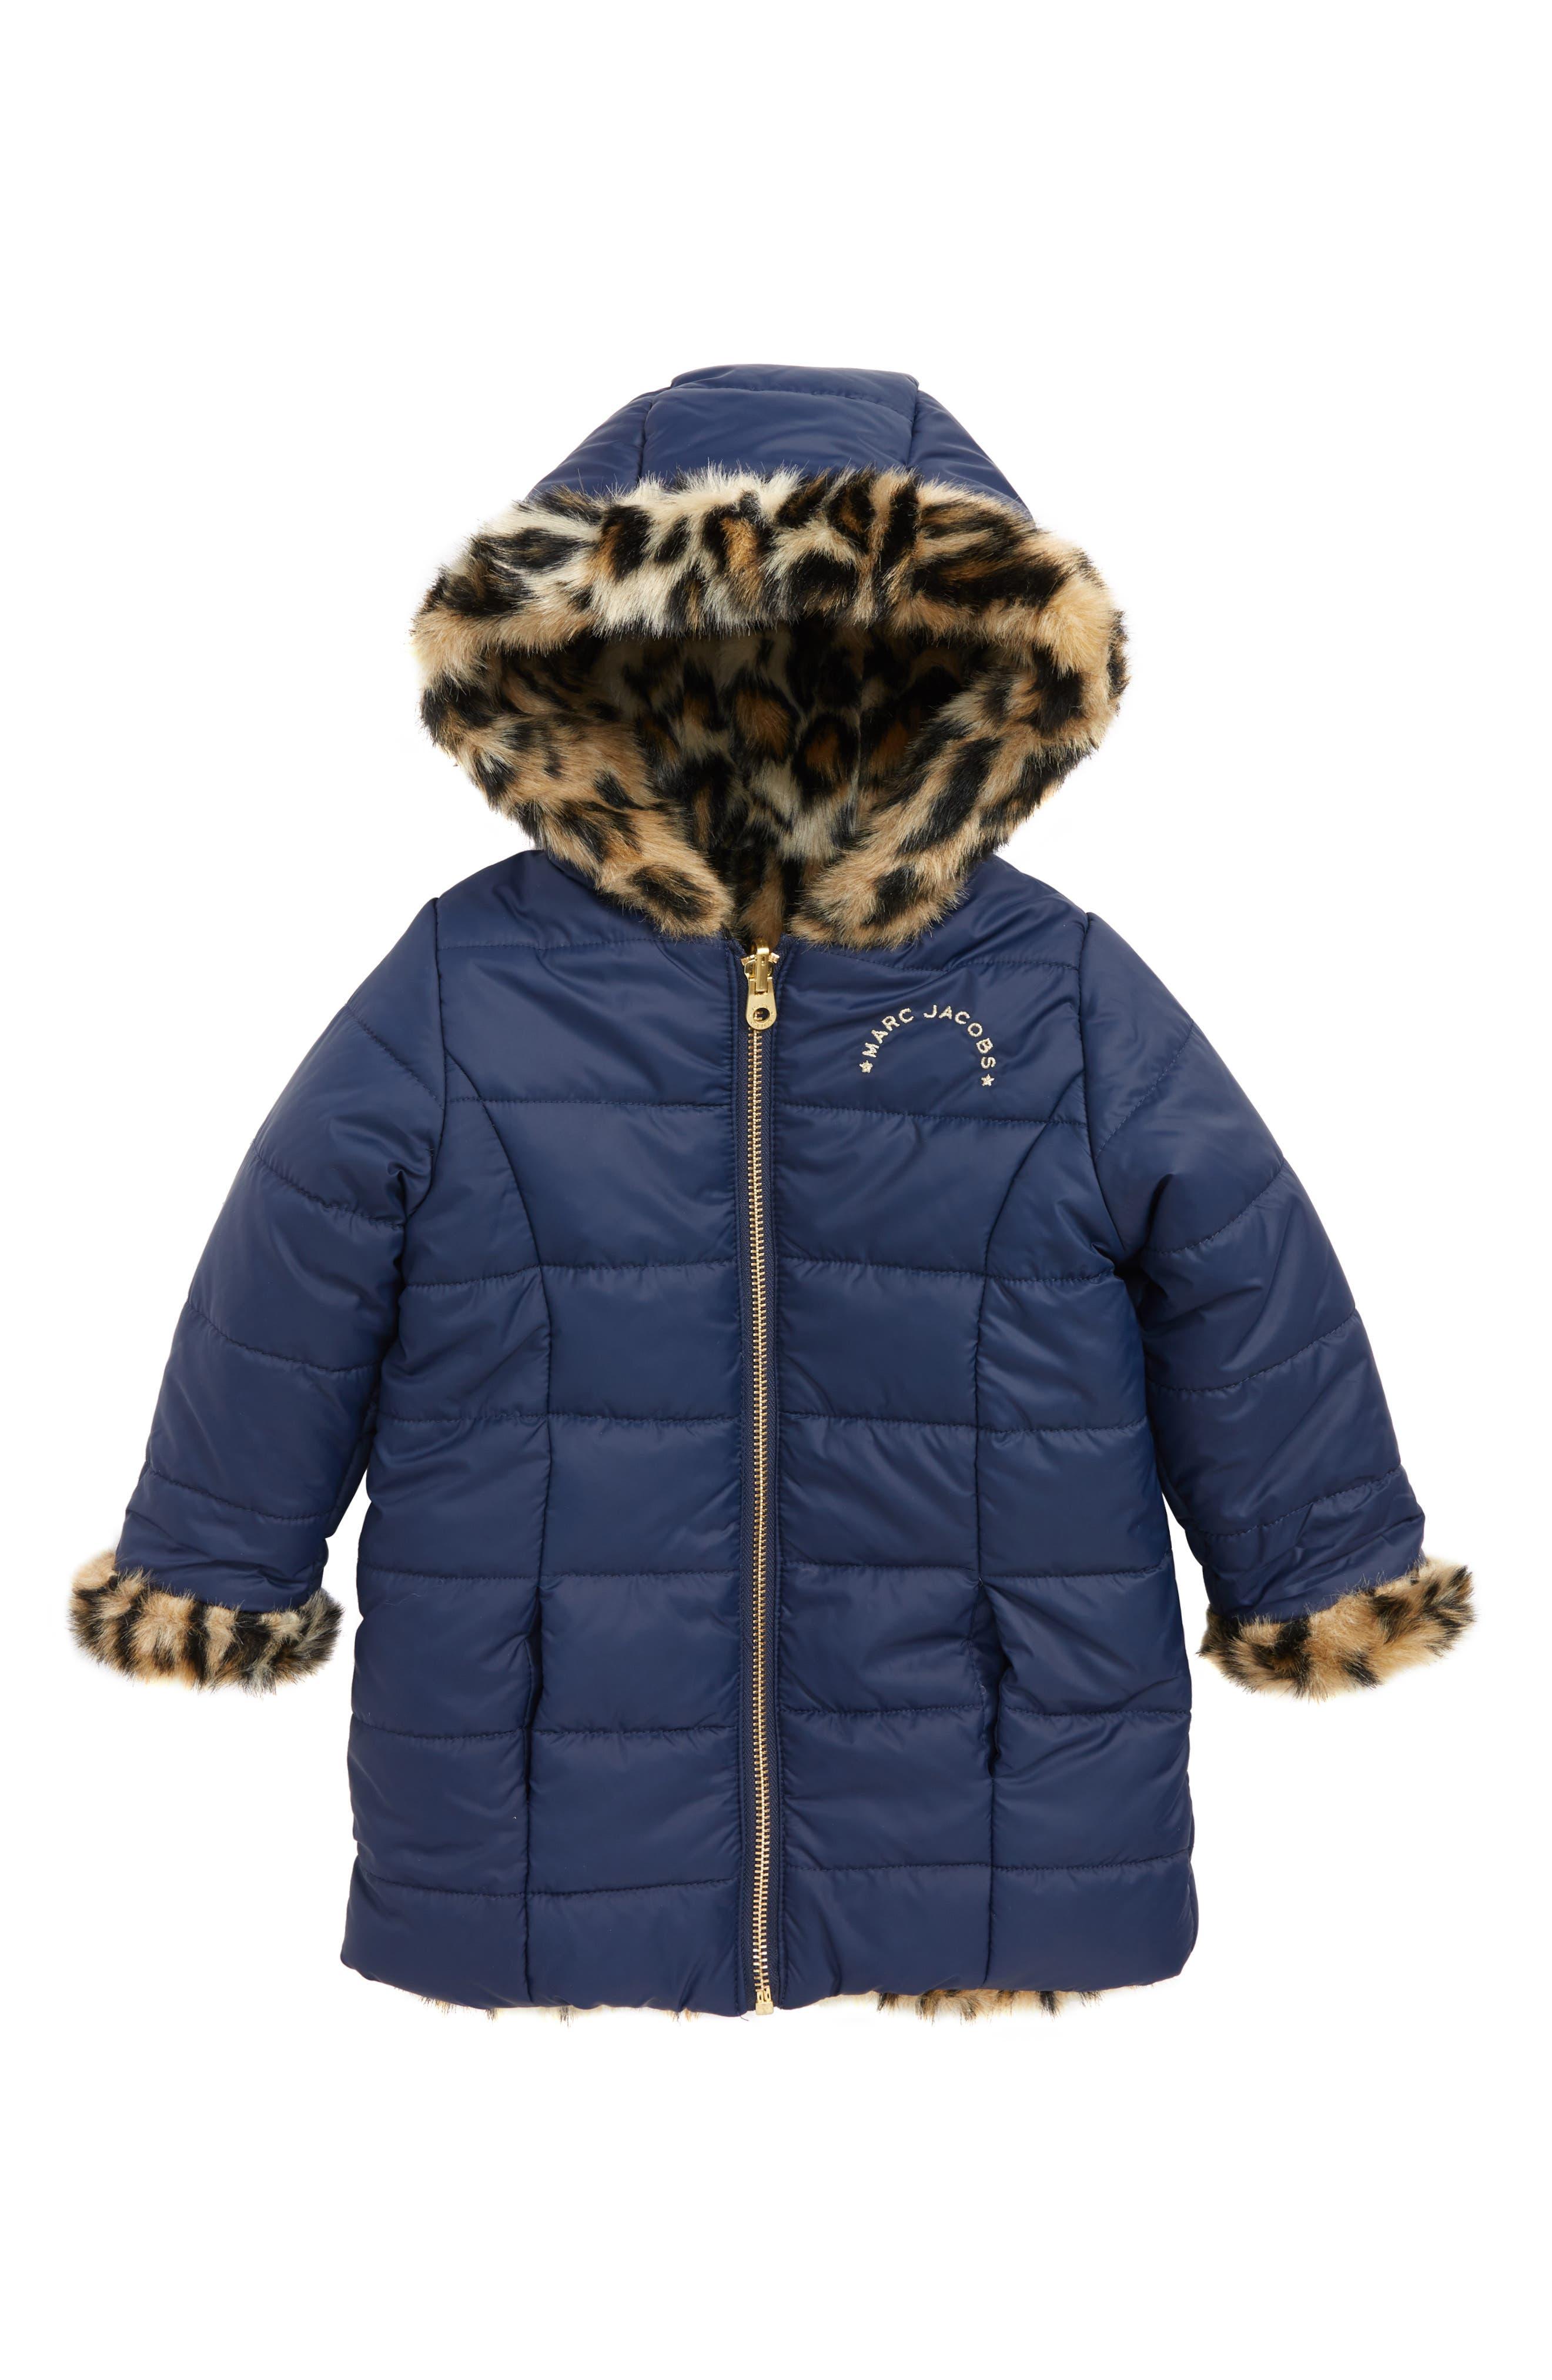 LITTLE MARC JACOBS Reversible Faux Fur Puffer Jacket, Main, color, 400